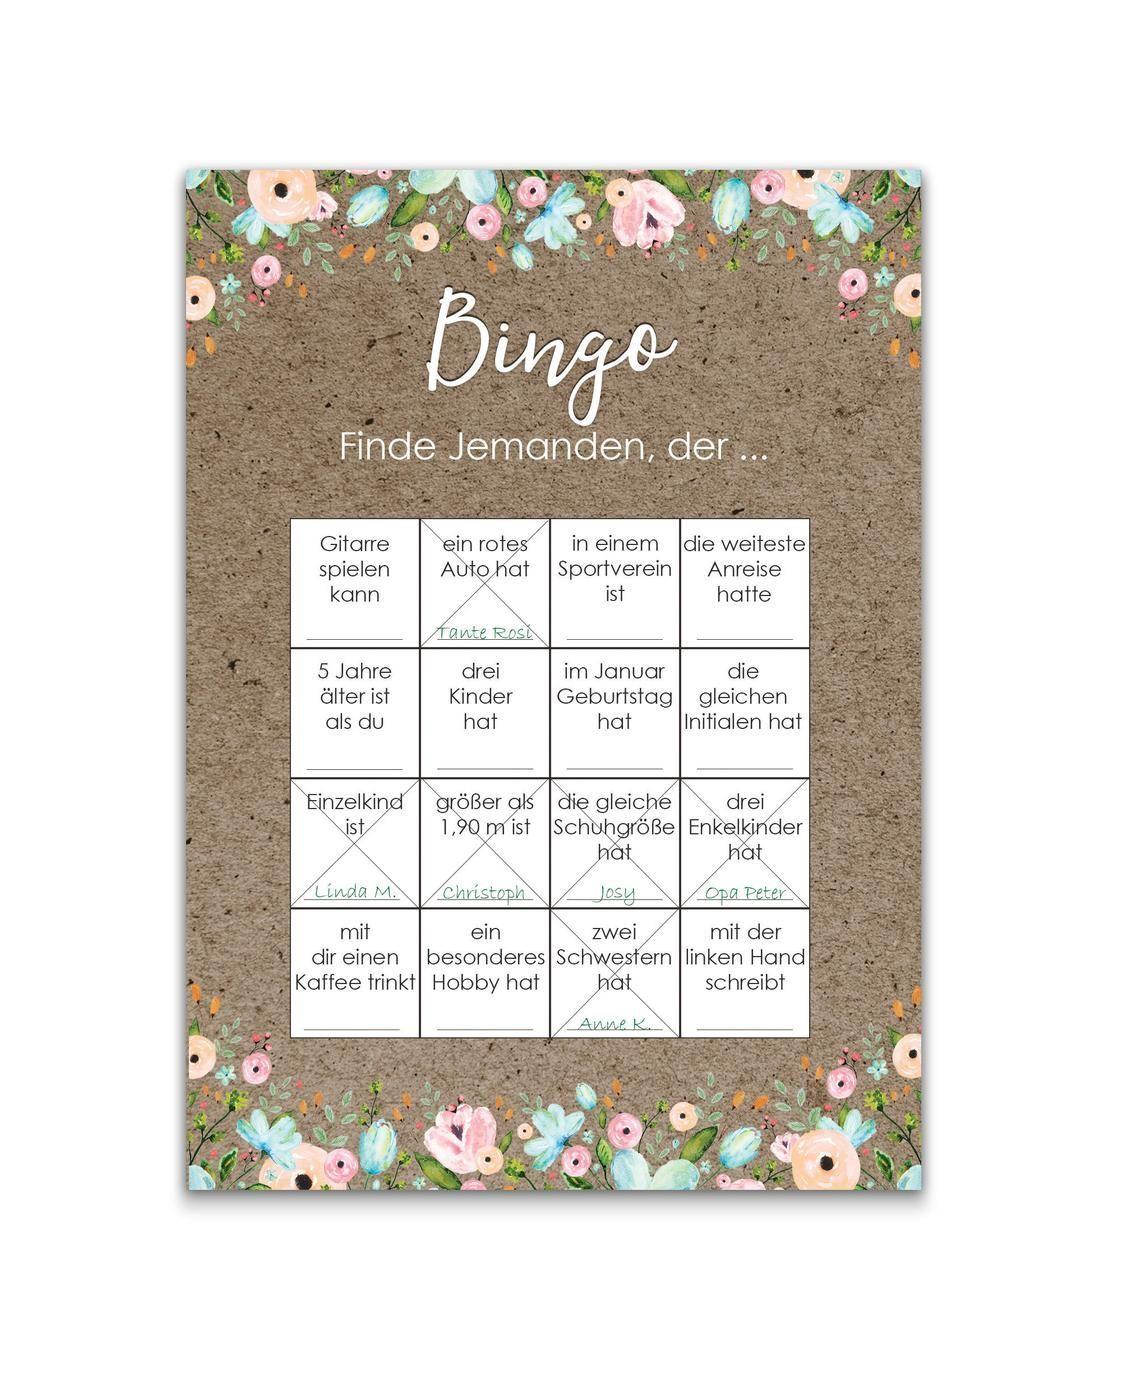 50 Bingokarte Hochzeit Hochzeitsbingo Spiel Wedding Game Wedding Bingo Wedding Games Wedding Planning Checklist Printable